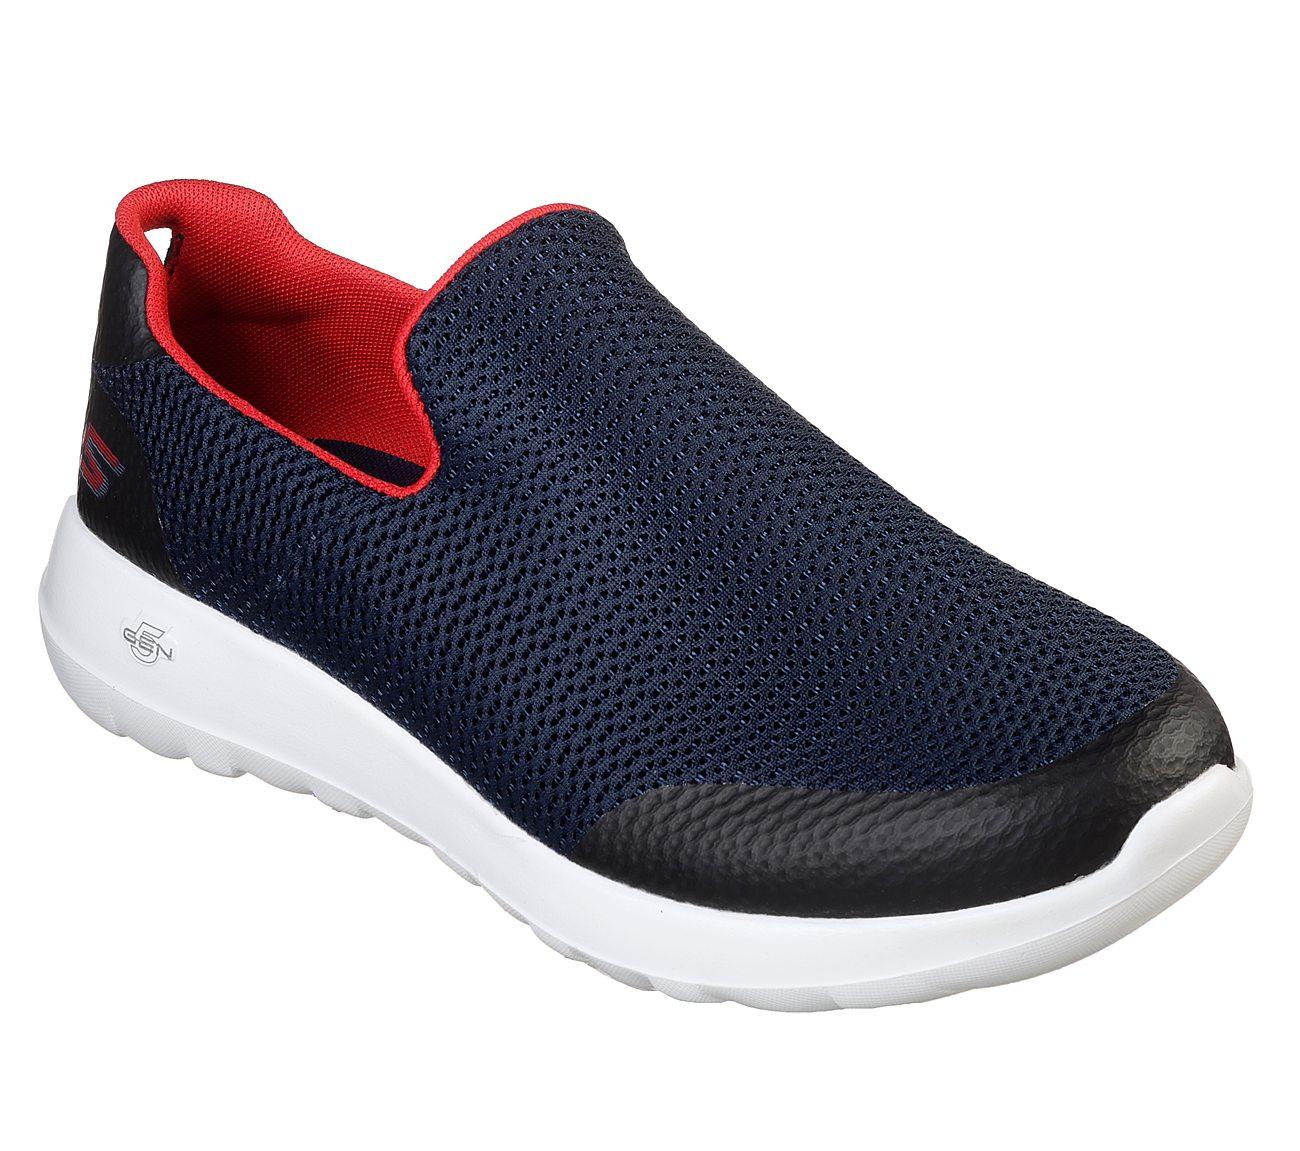 Skechers GOwalk Max - Focal